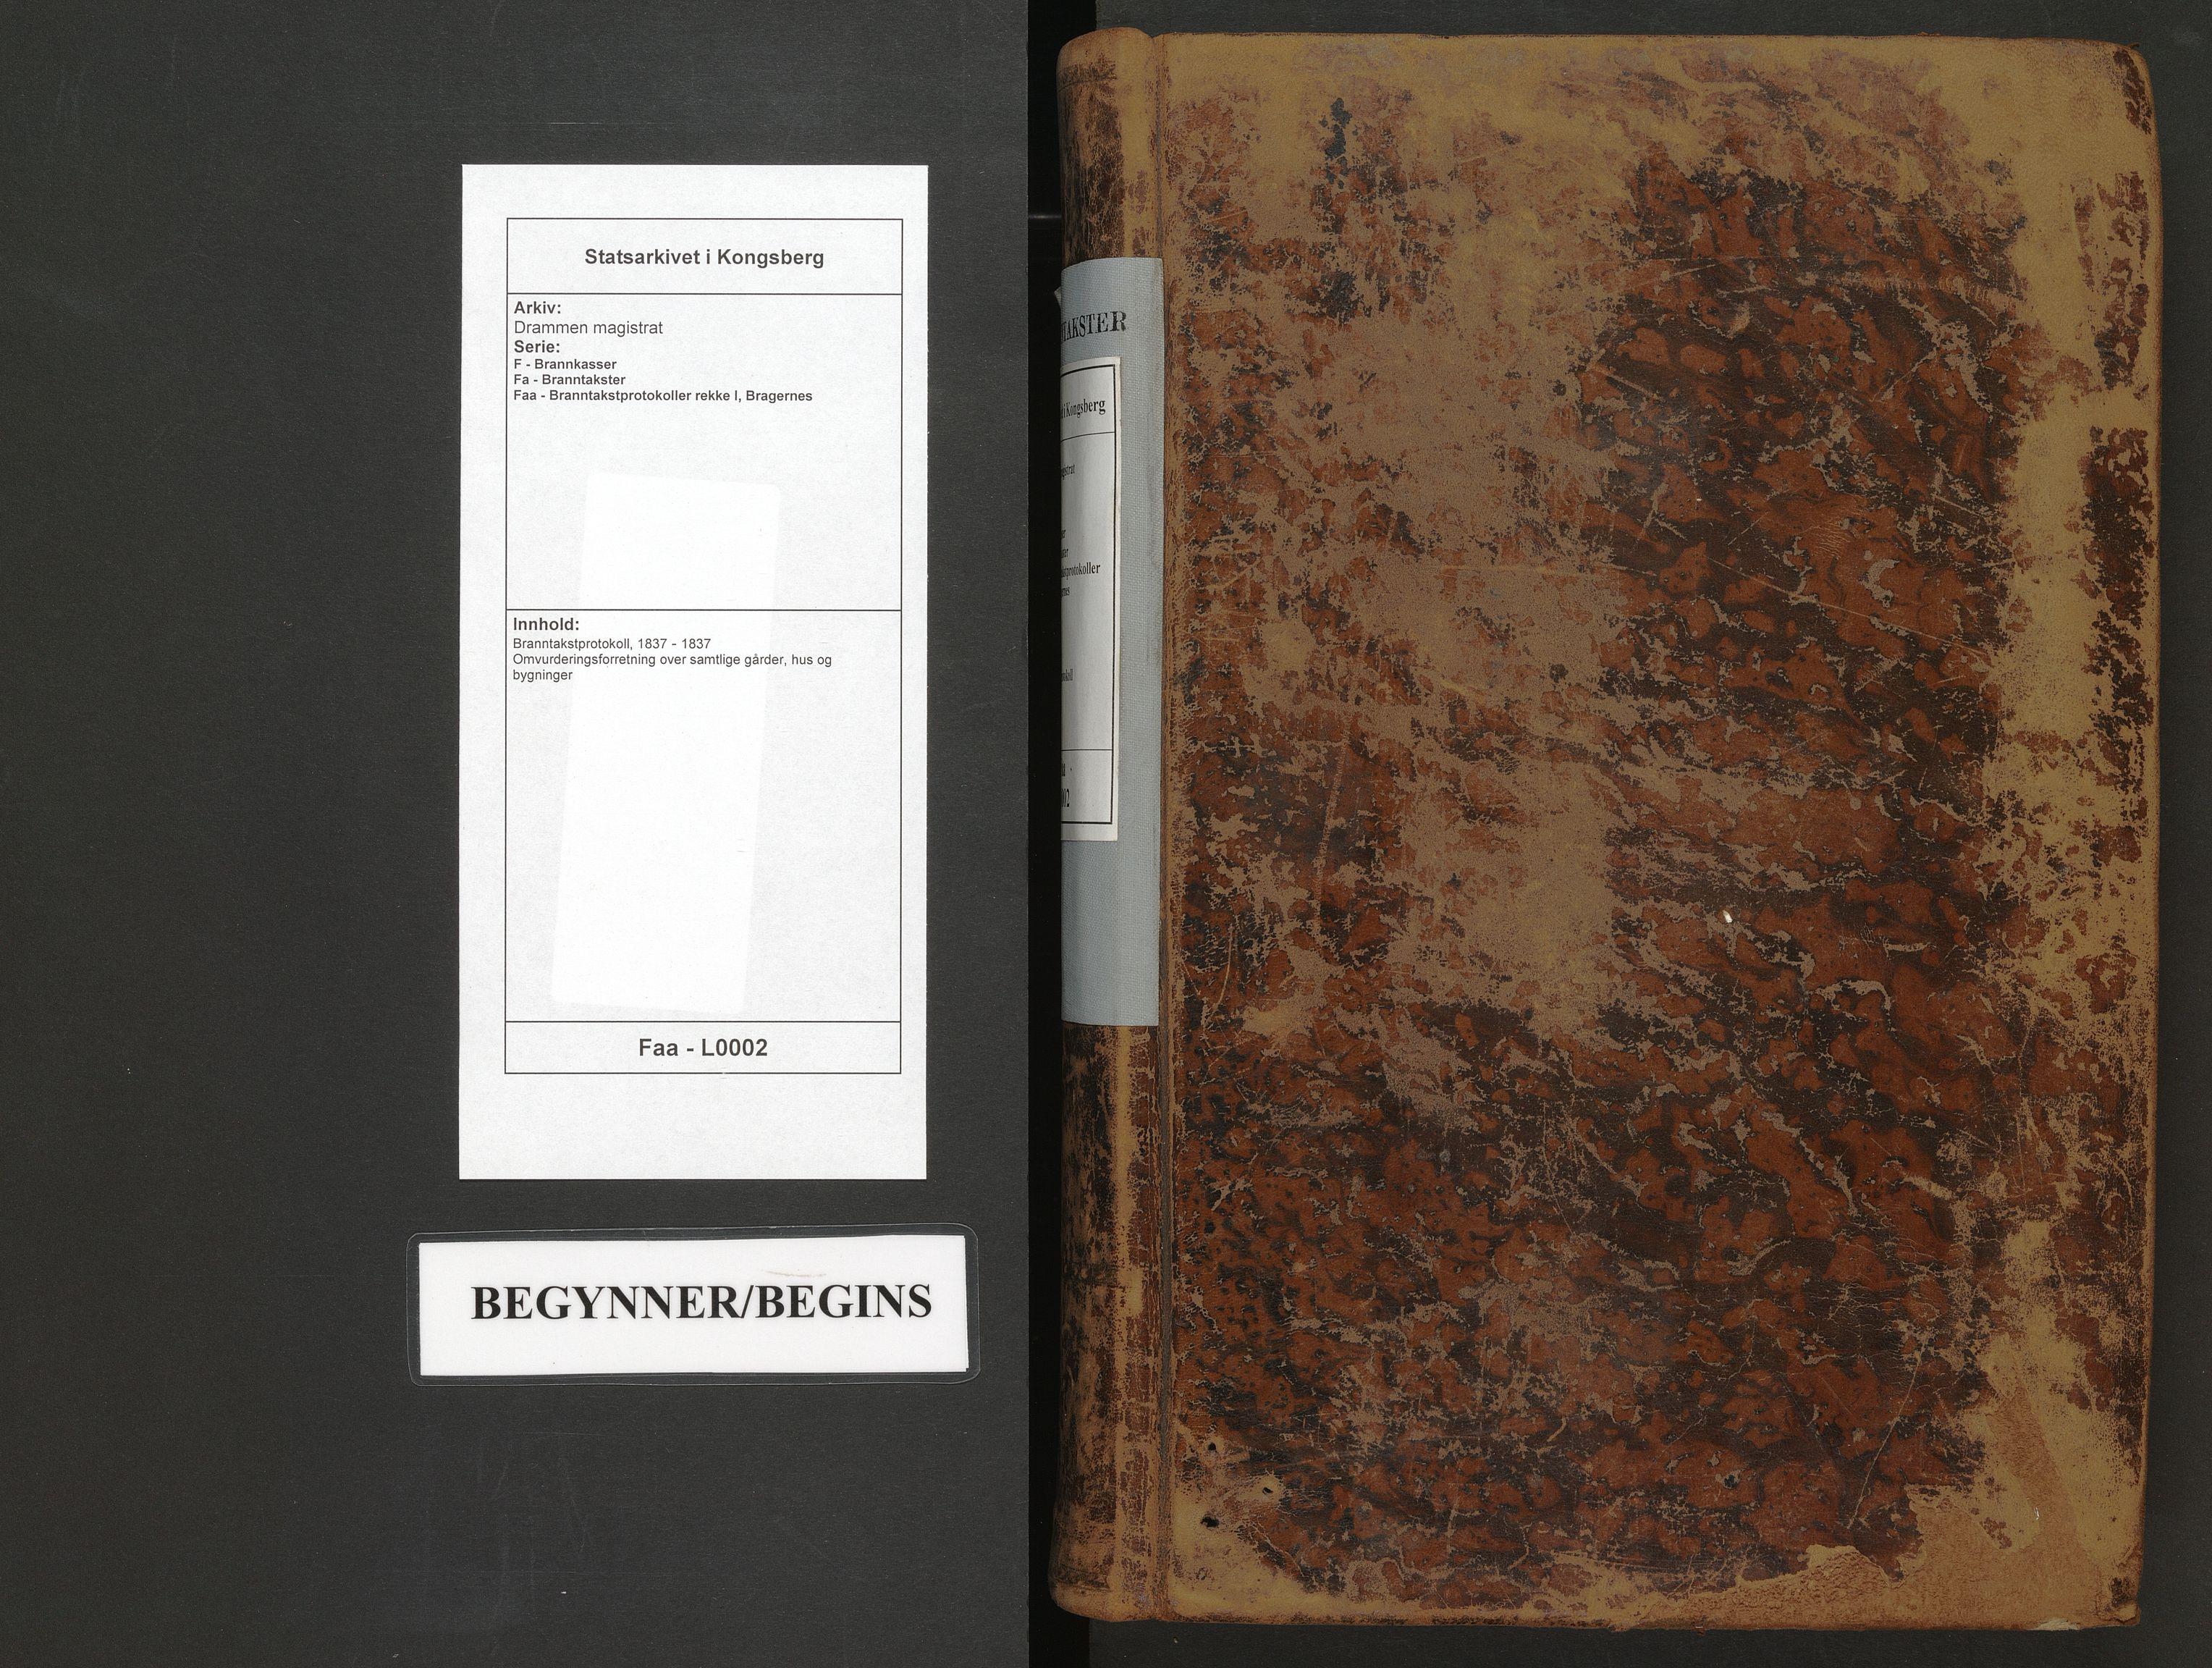 SAKO, Drammen magistrat, F/Fa/Faa/L0002: Branntakstprotokoll, 1837